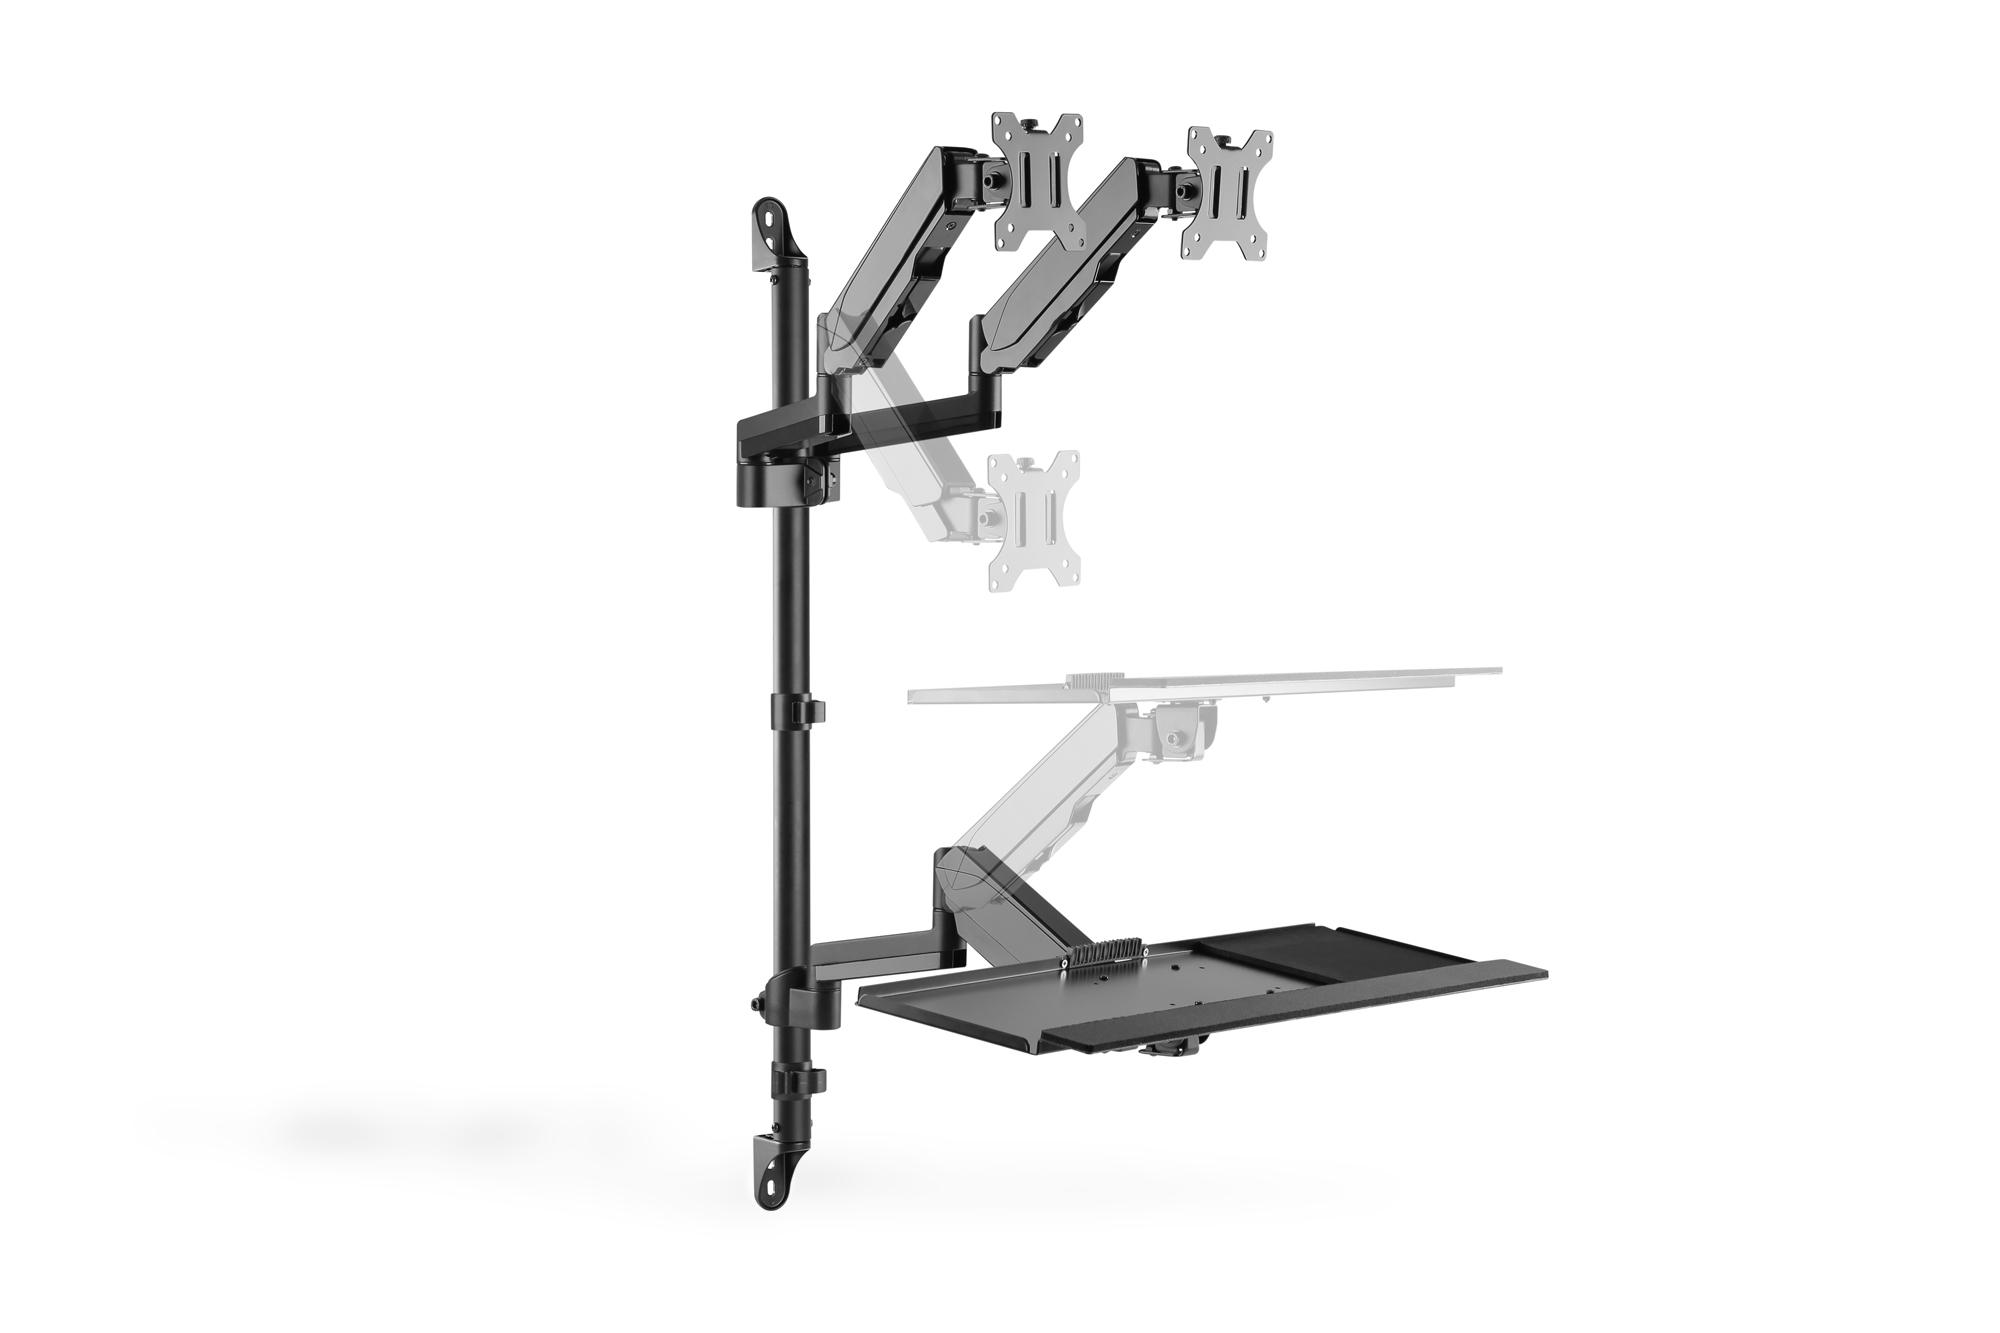 Postazione di lavoro flessibile per lavorare in piedi o seduti montaggio a parete doppio schermo digitus